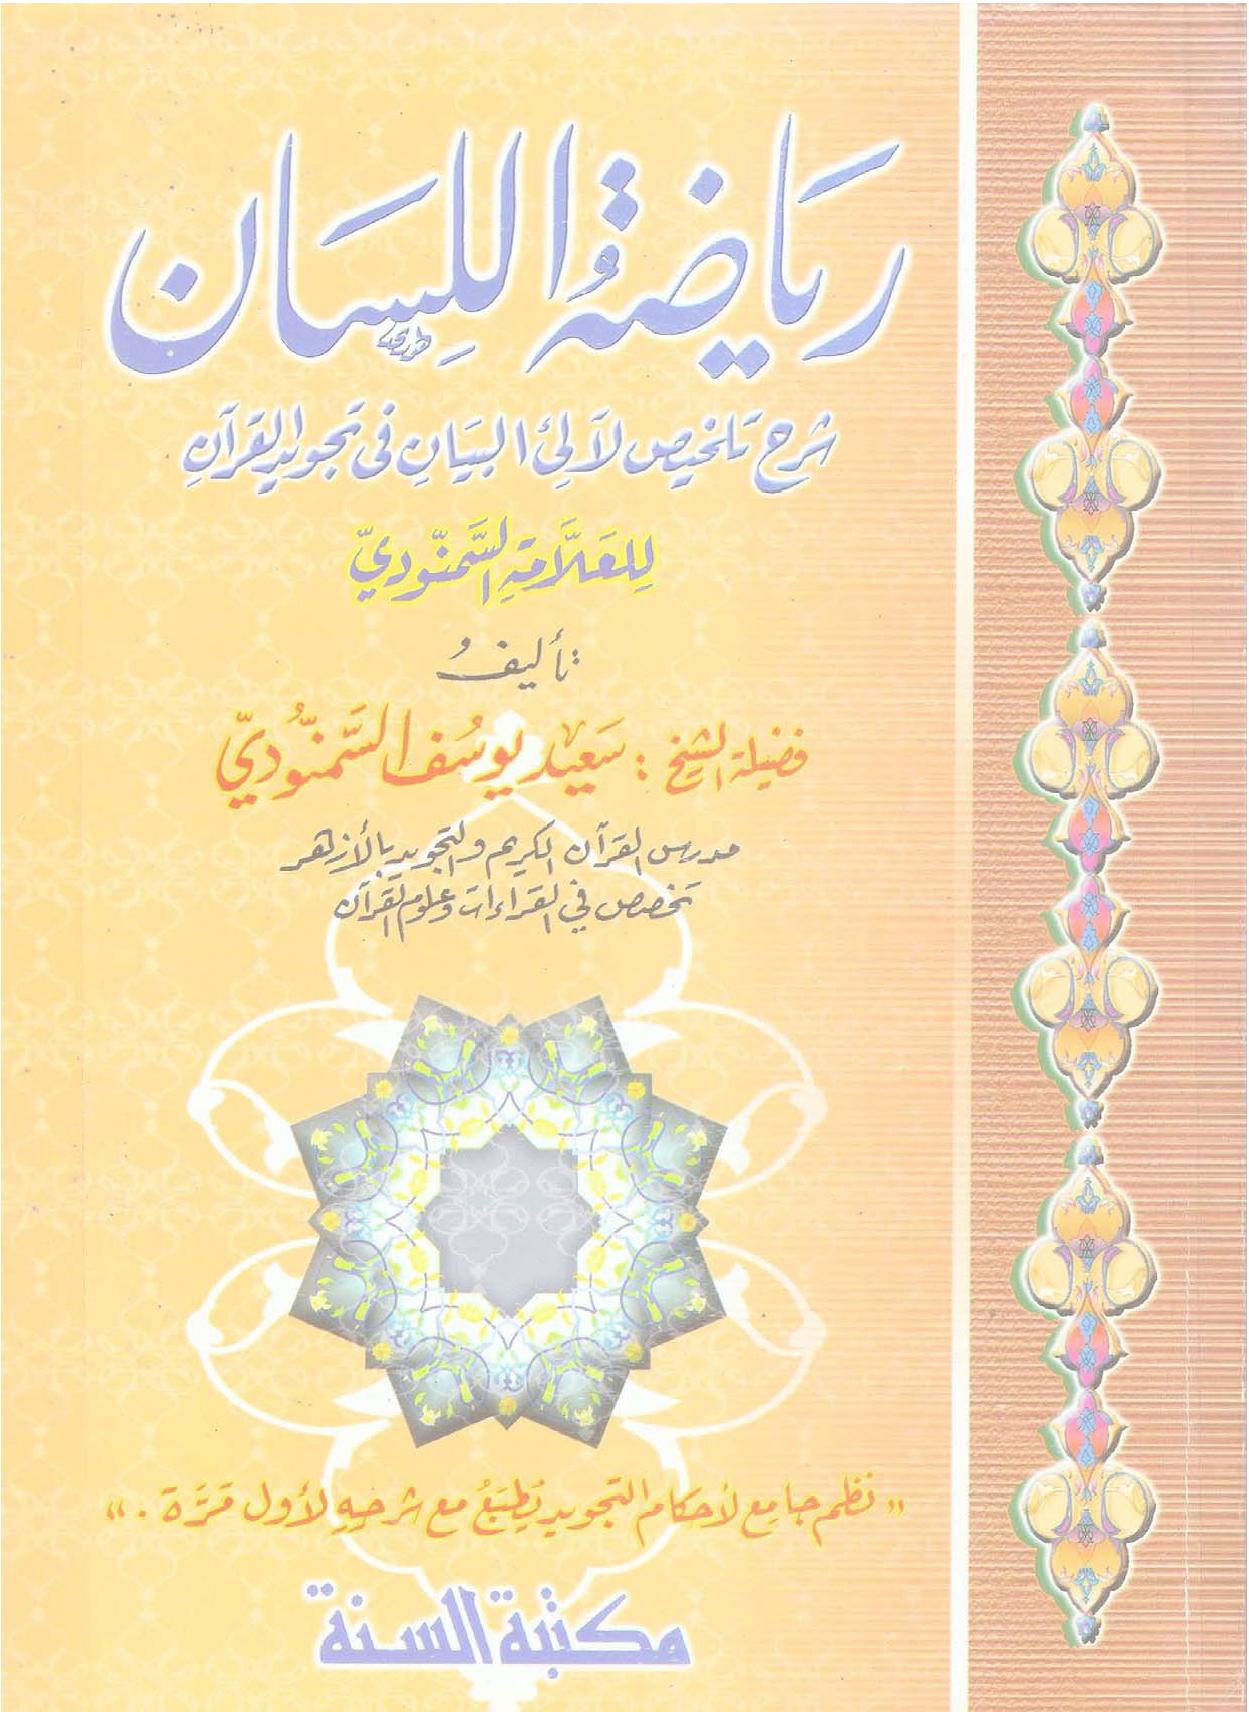 تحميل كتاب رياضة اللسان شرح تلخيص لآلئ البيان في تجويد القرآن لـِ: الشيخ سعيد بن يوسف السمنودي